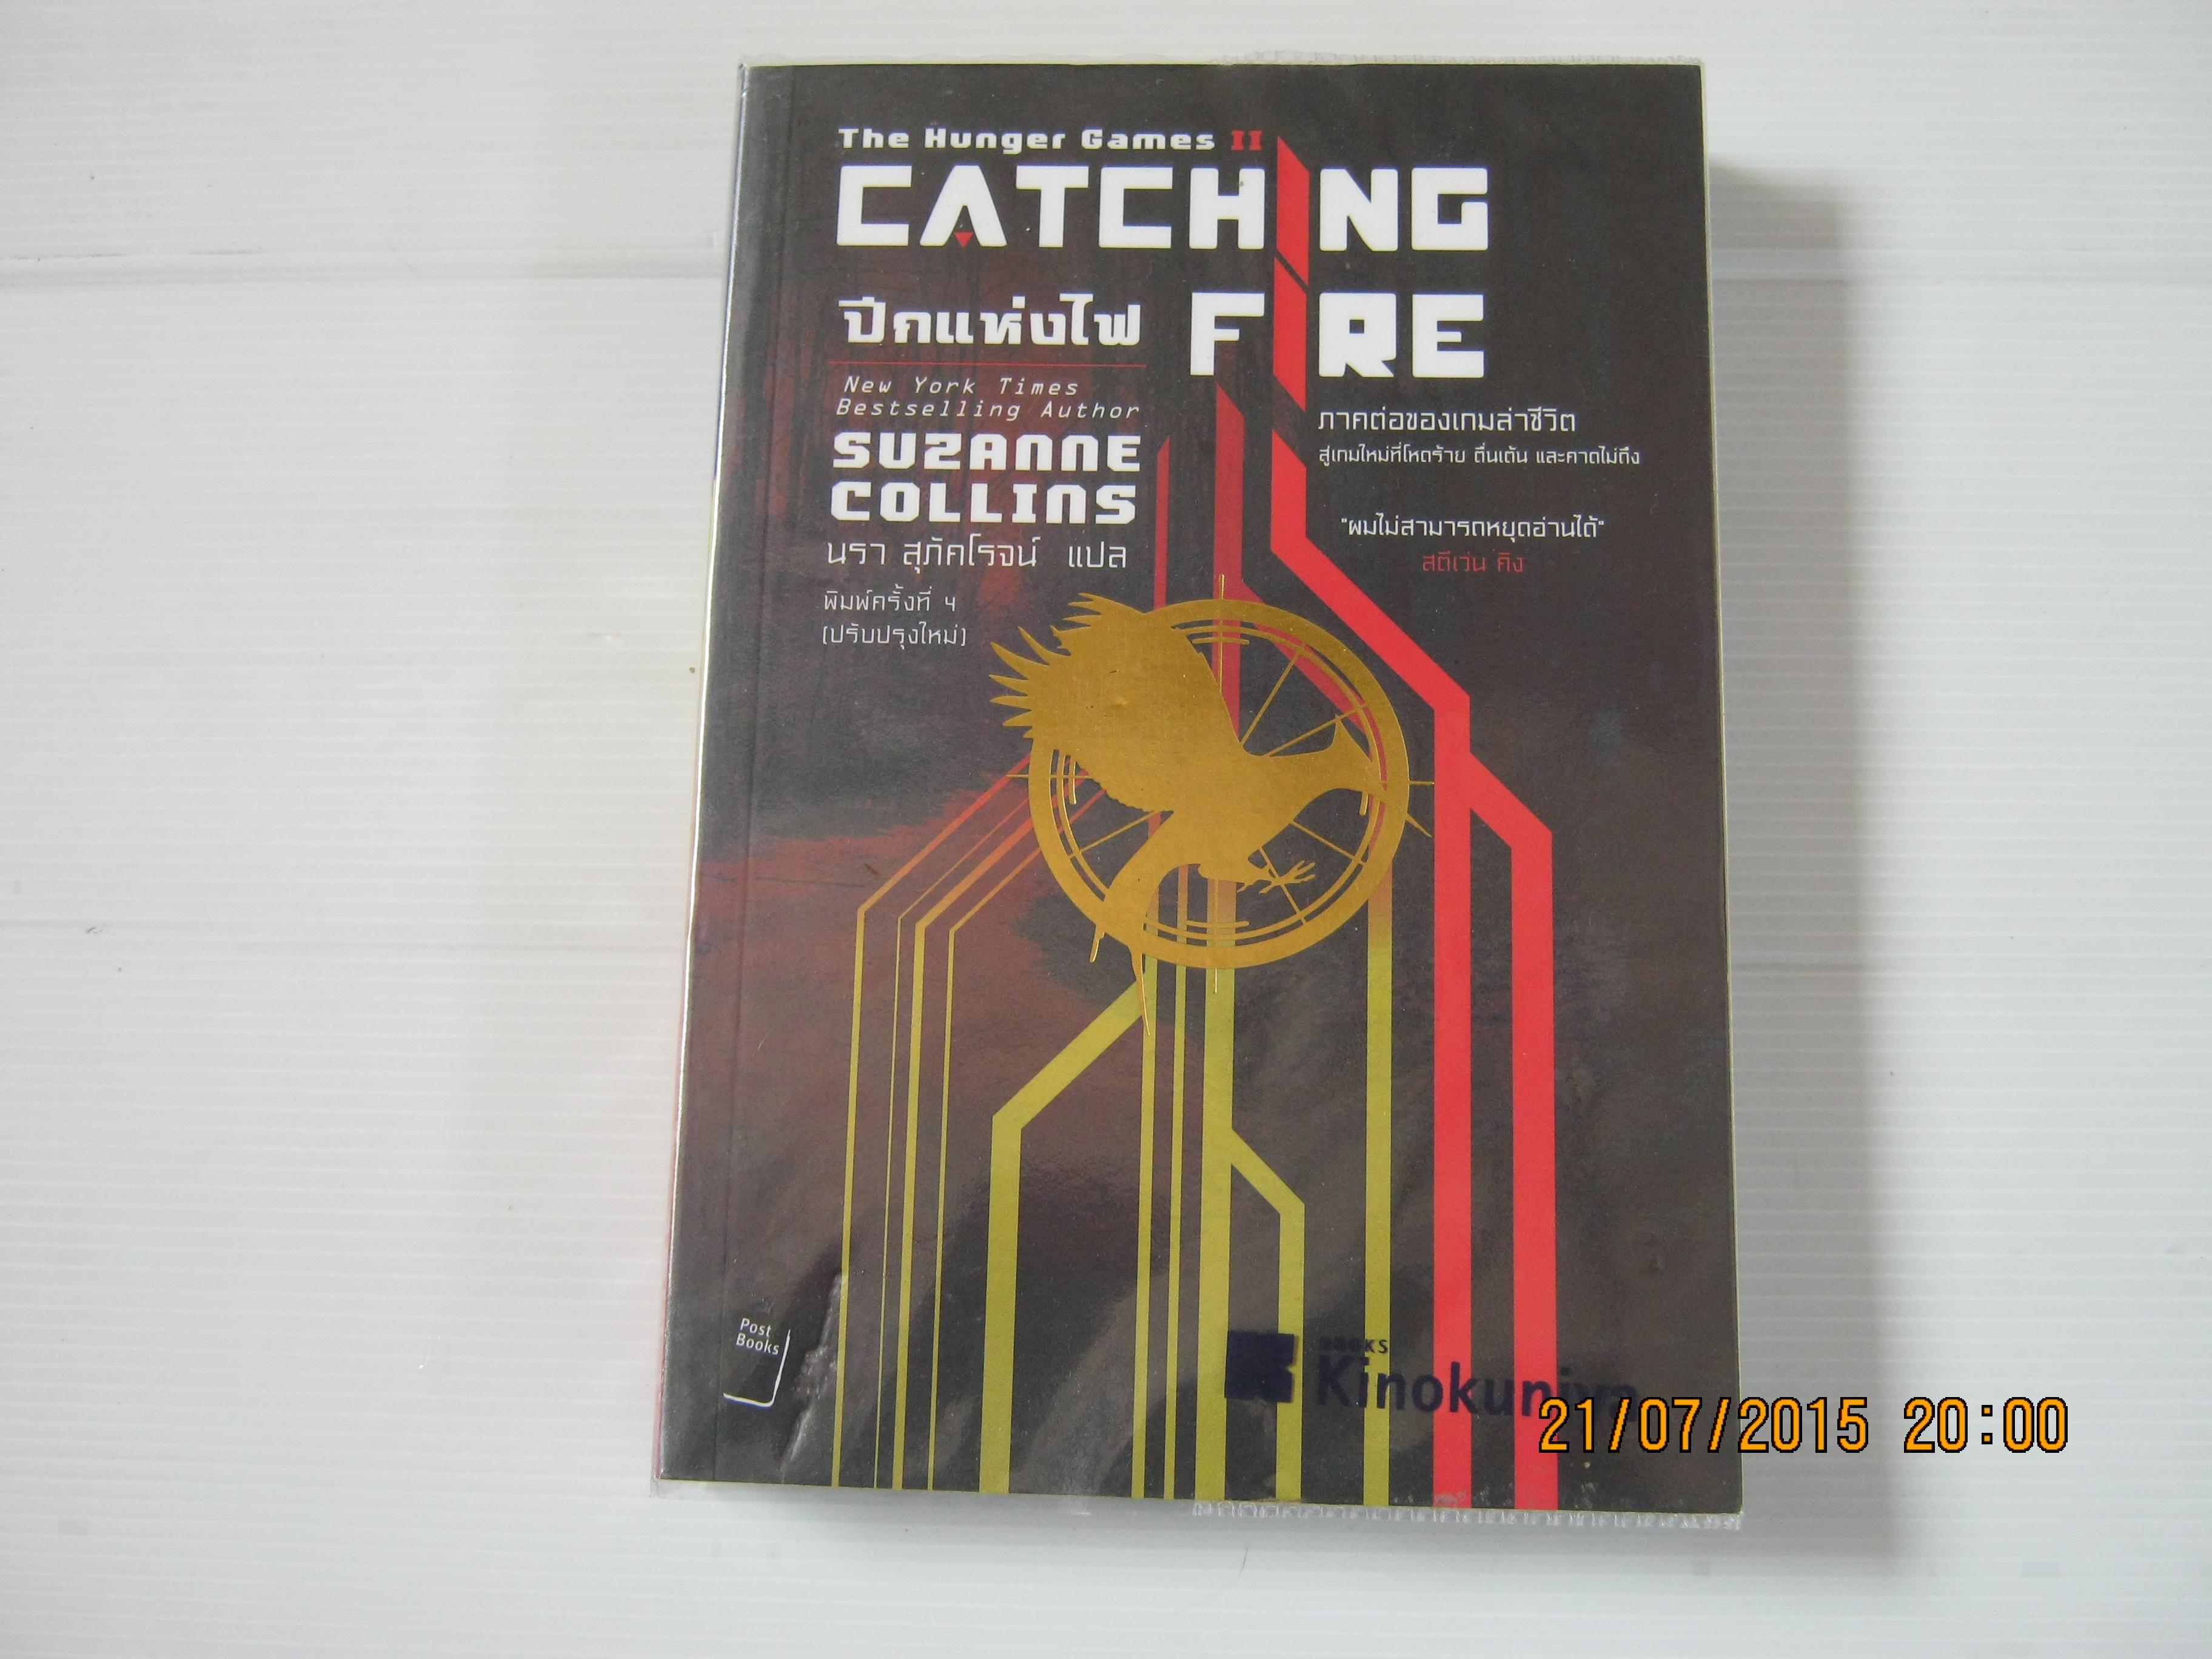 เกมล่าชีวิต 2 ตอน ปีกแห่งไฟ (The Hunger Game 2 Catching Fire) พิมพ์ครั้งที่ 4 ปรับปรุงใหม่ Suzanne Collins เขียน นรา สุภัคโรจน์ แปล